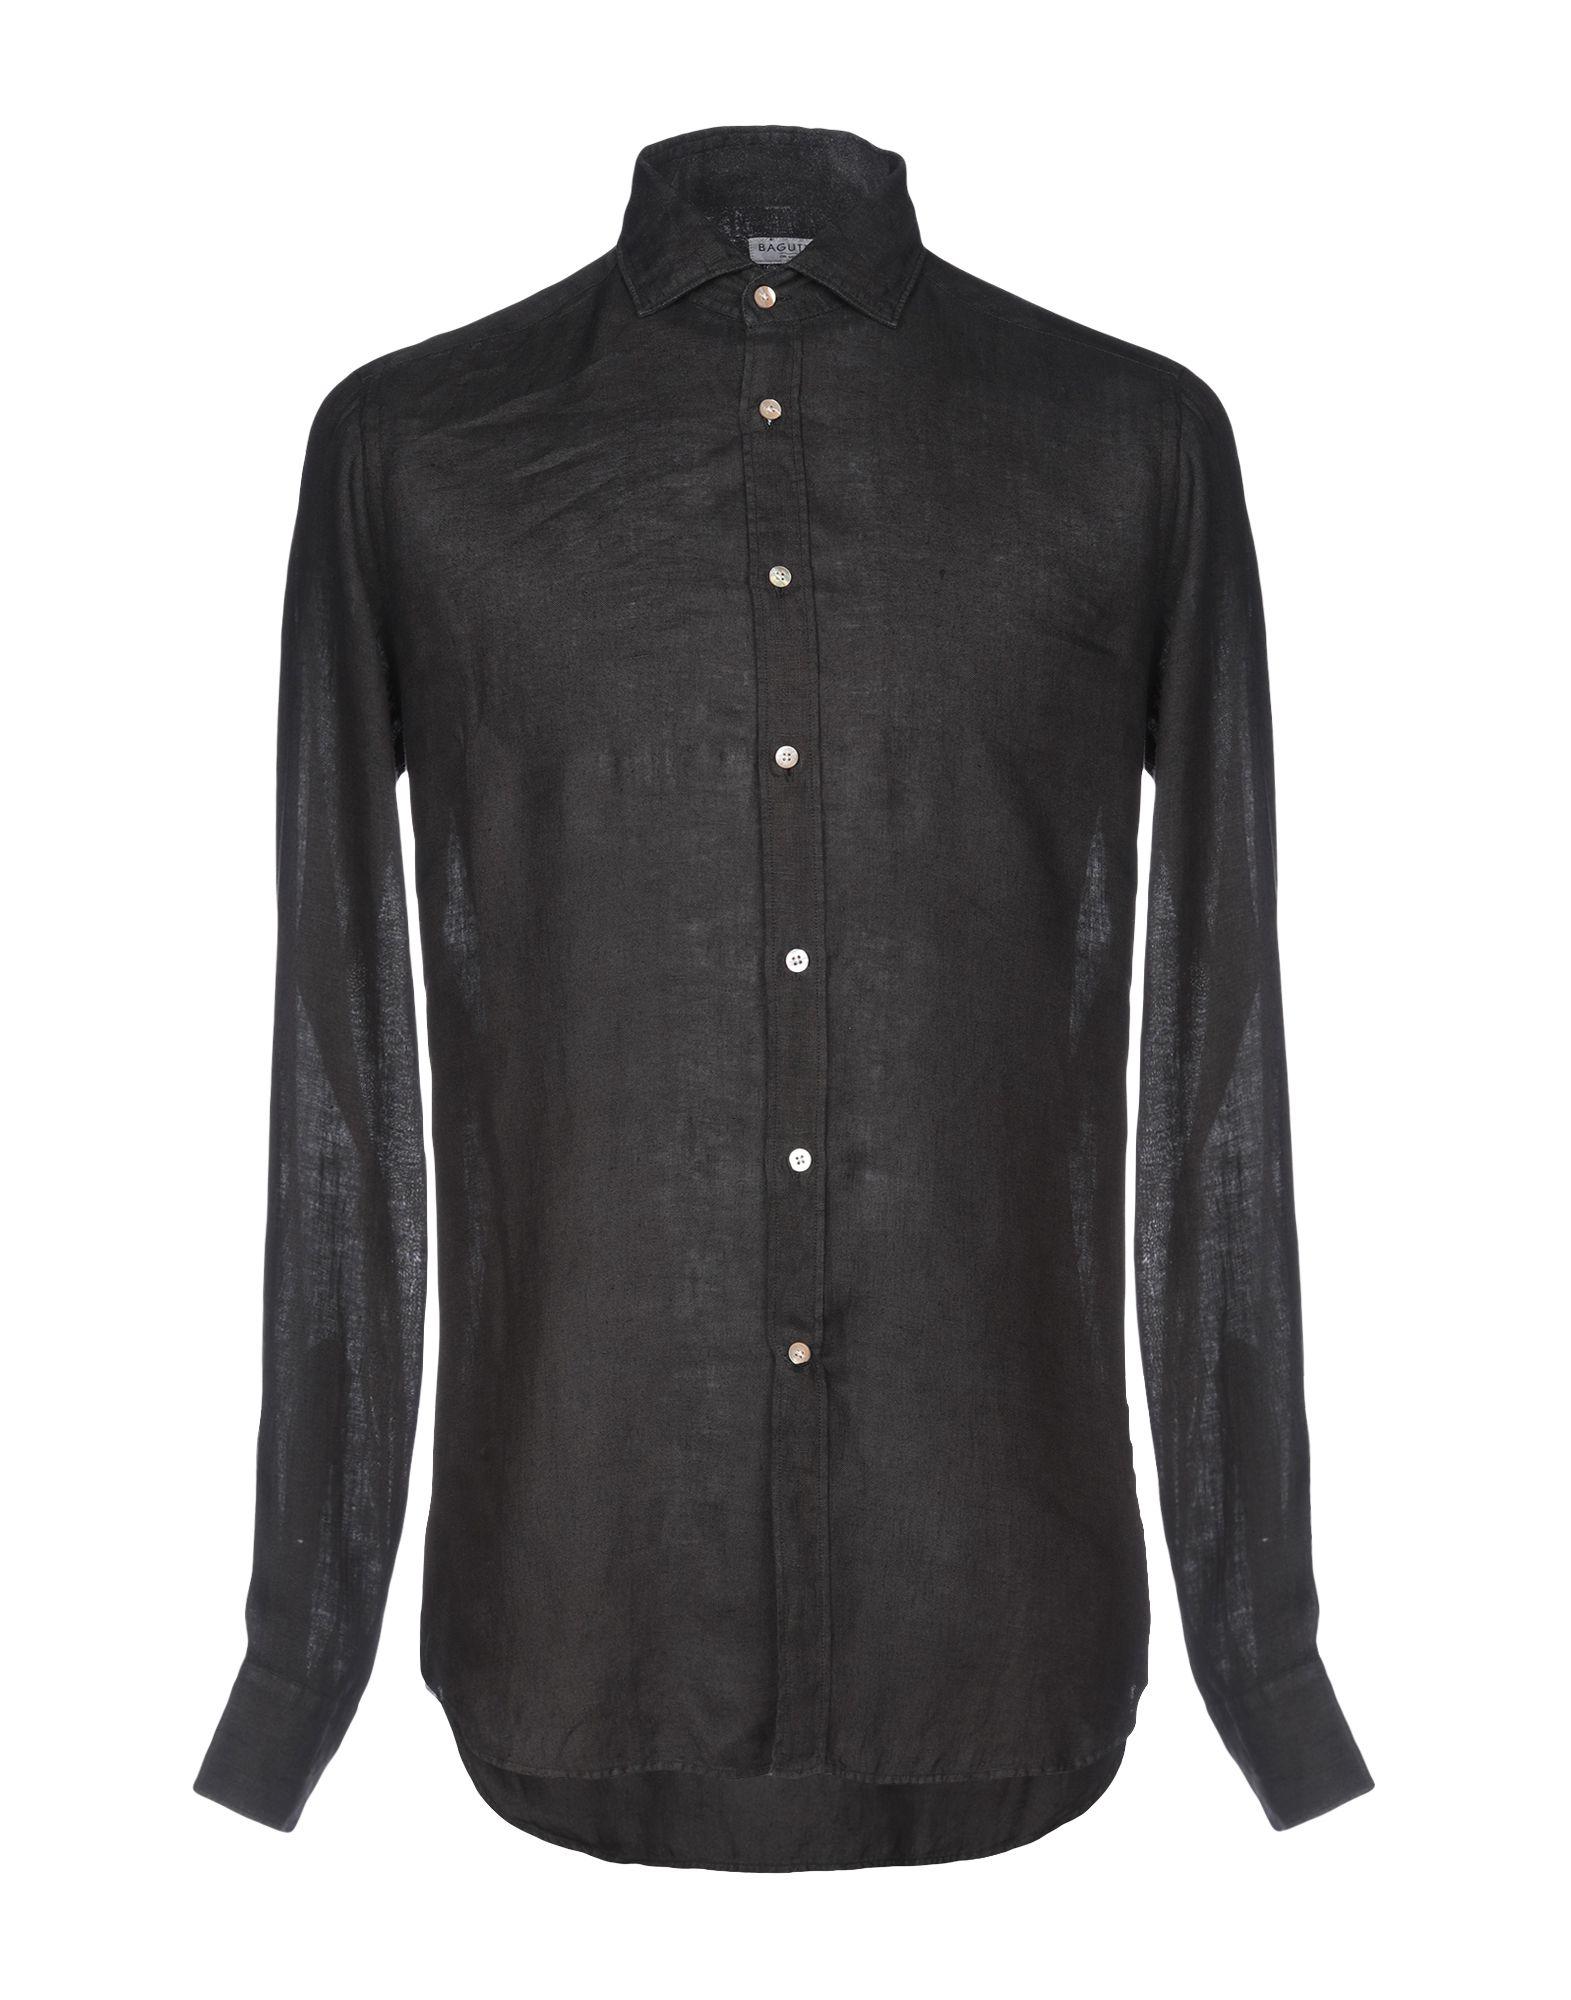 《送料無料》BAGUTTA メンズ シャツ ブラック S 麻 100%